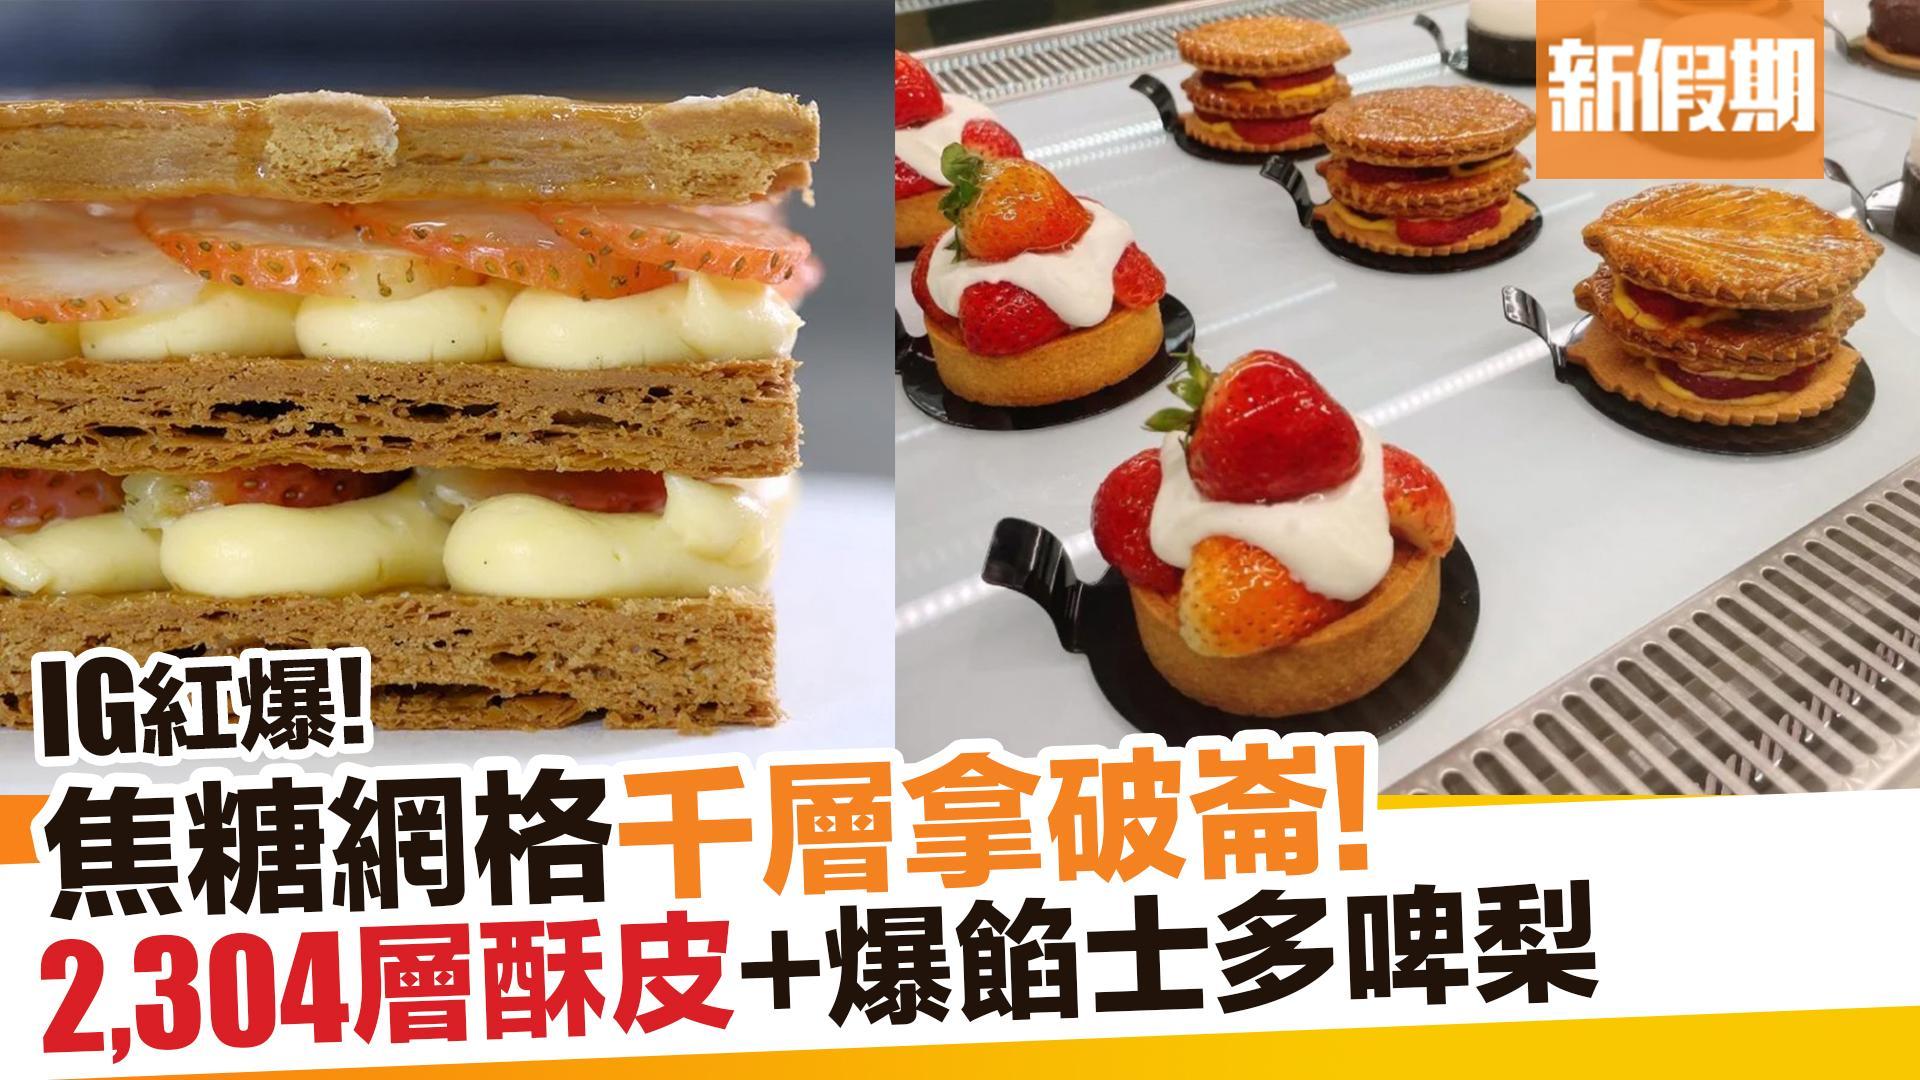 【外賣食乜好】百子甜品店IG爆紅!焦糖千層網格拿破崙 +士多啤梨忌廉撻 新假期